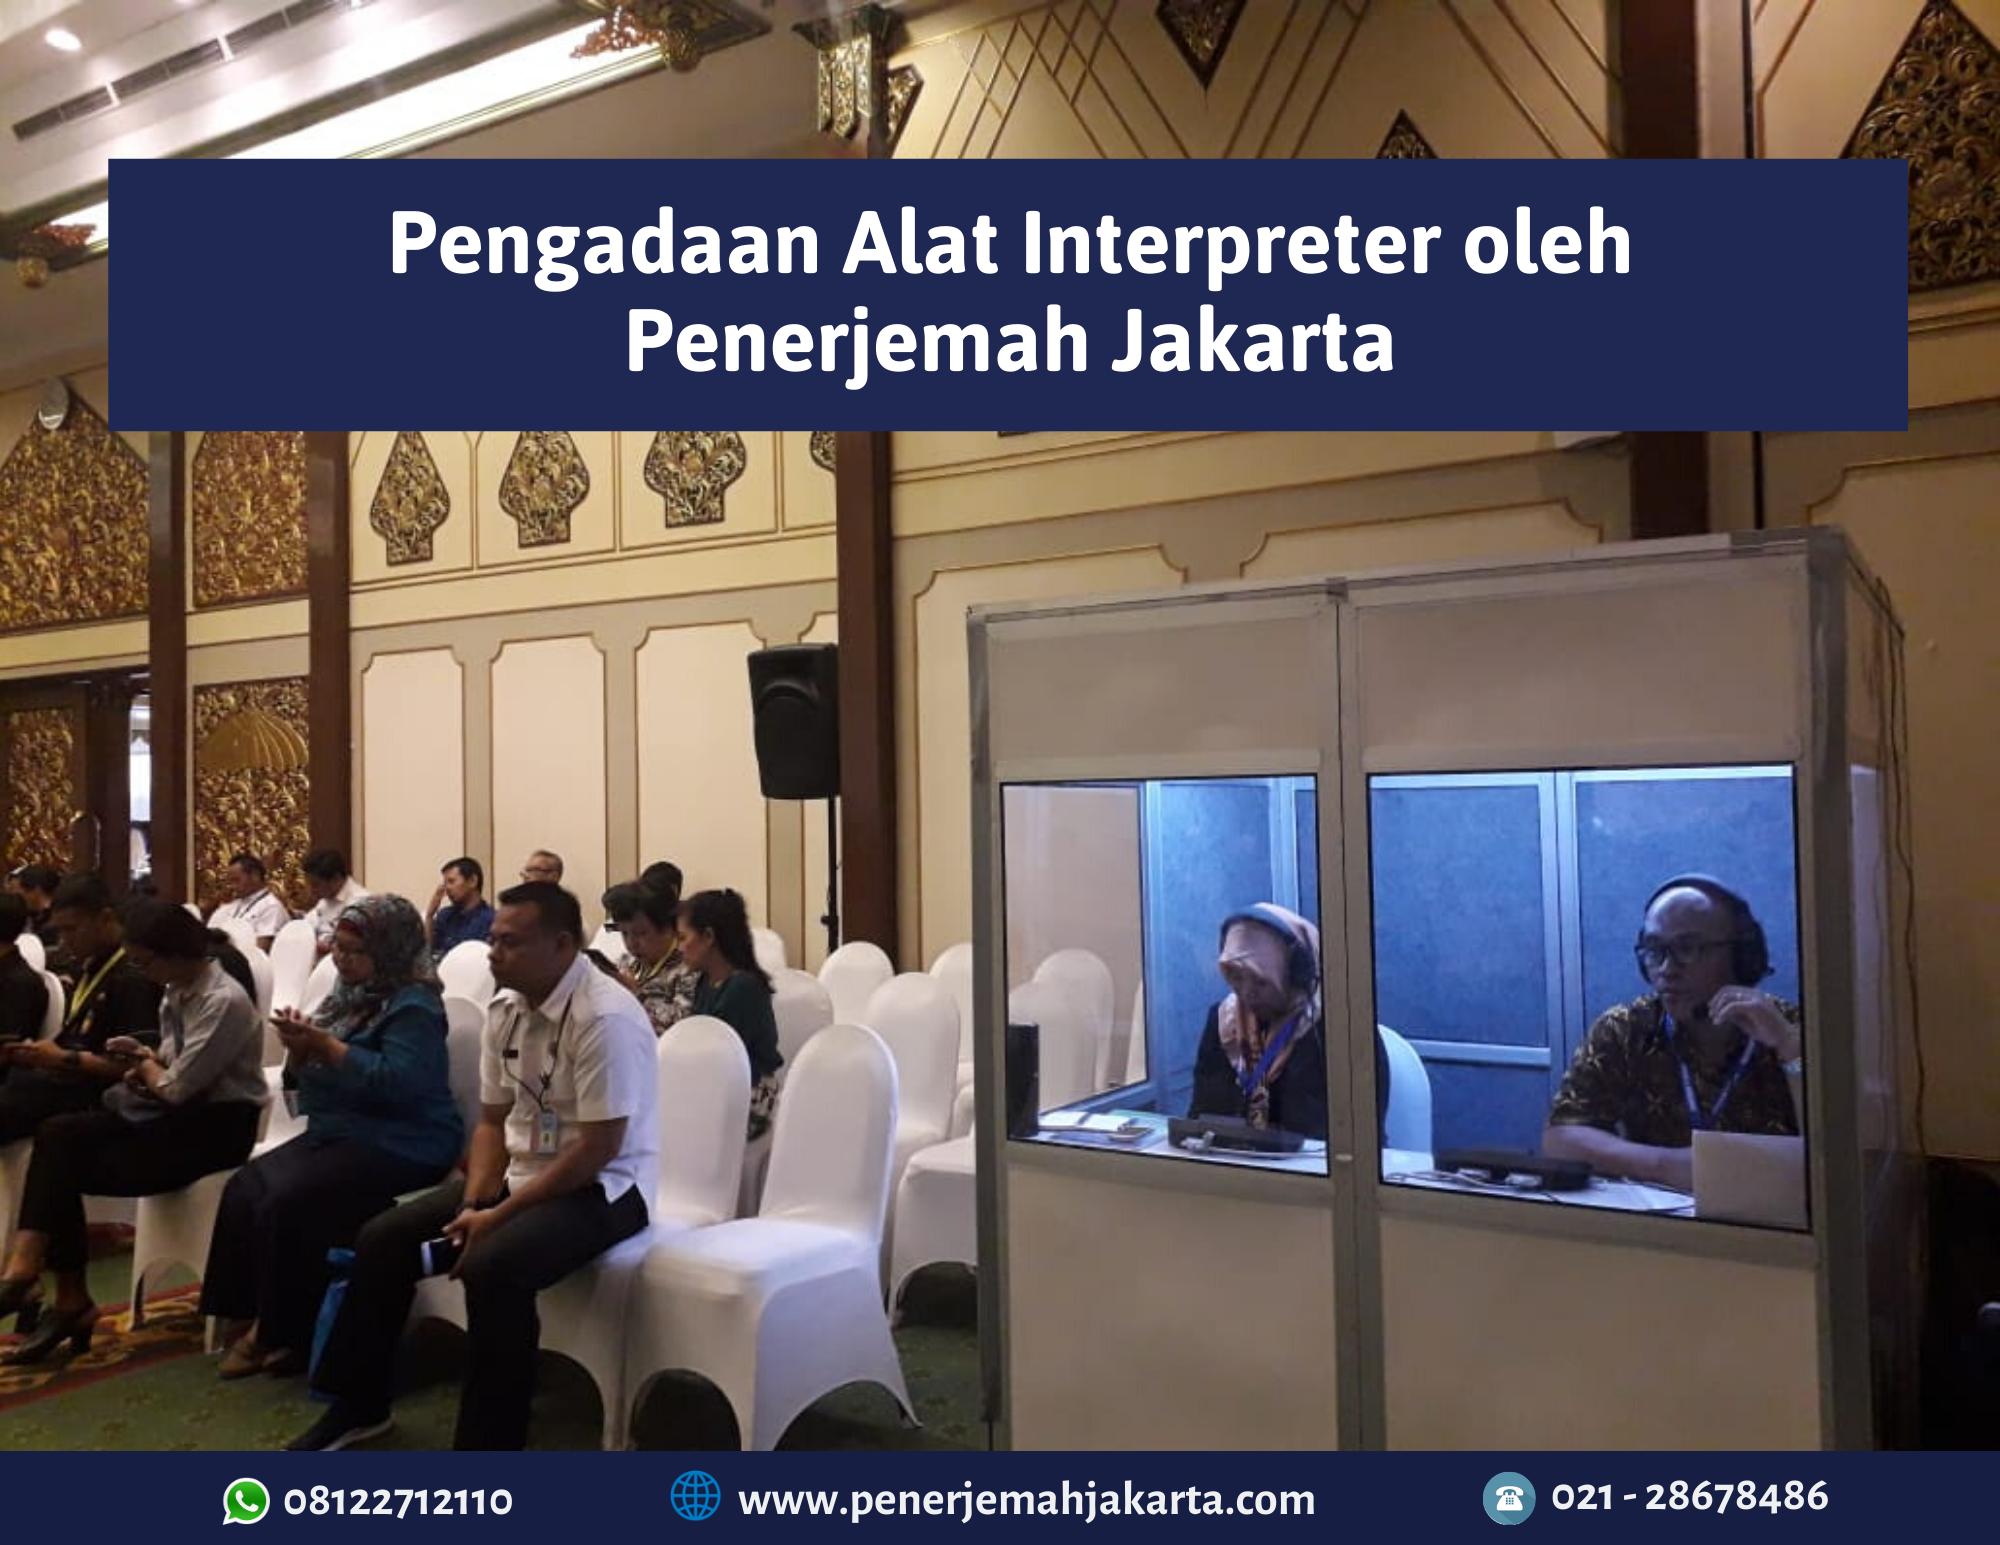 Sewa Alat Interpreter Seminar